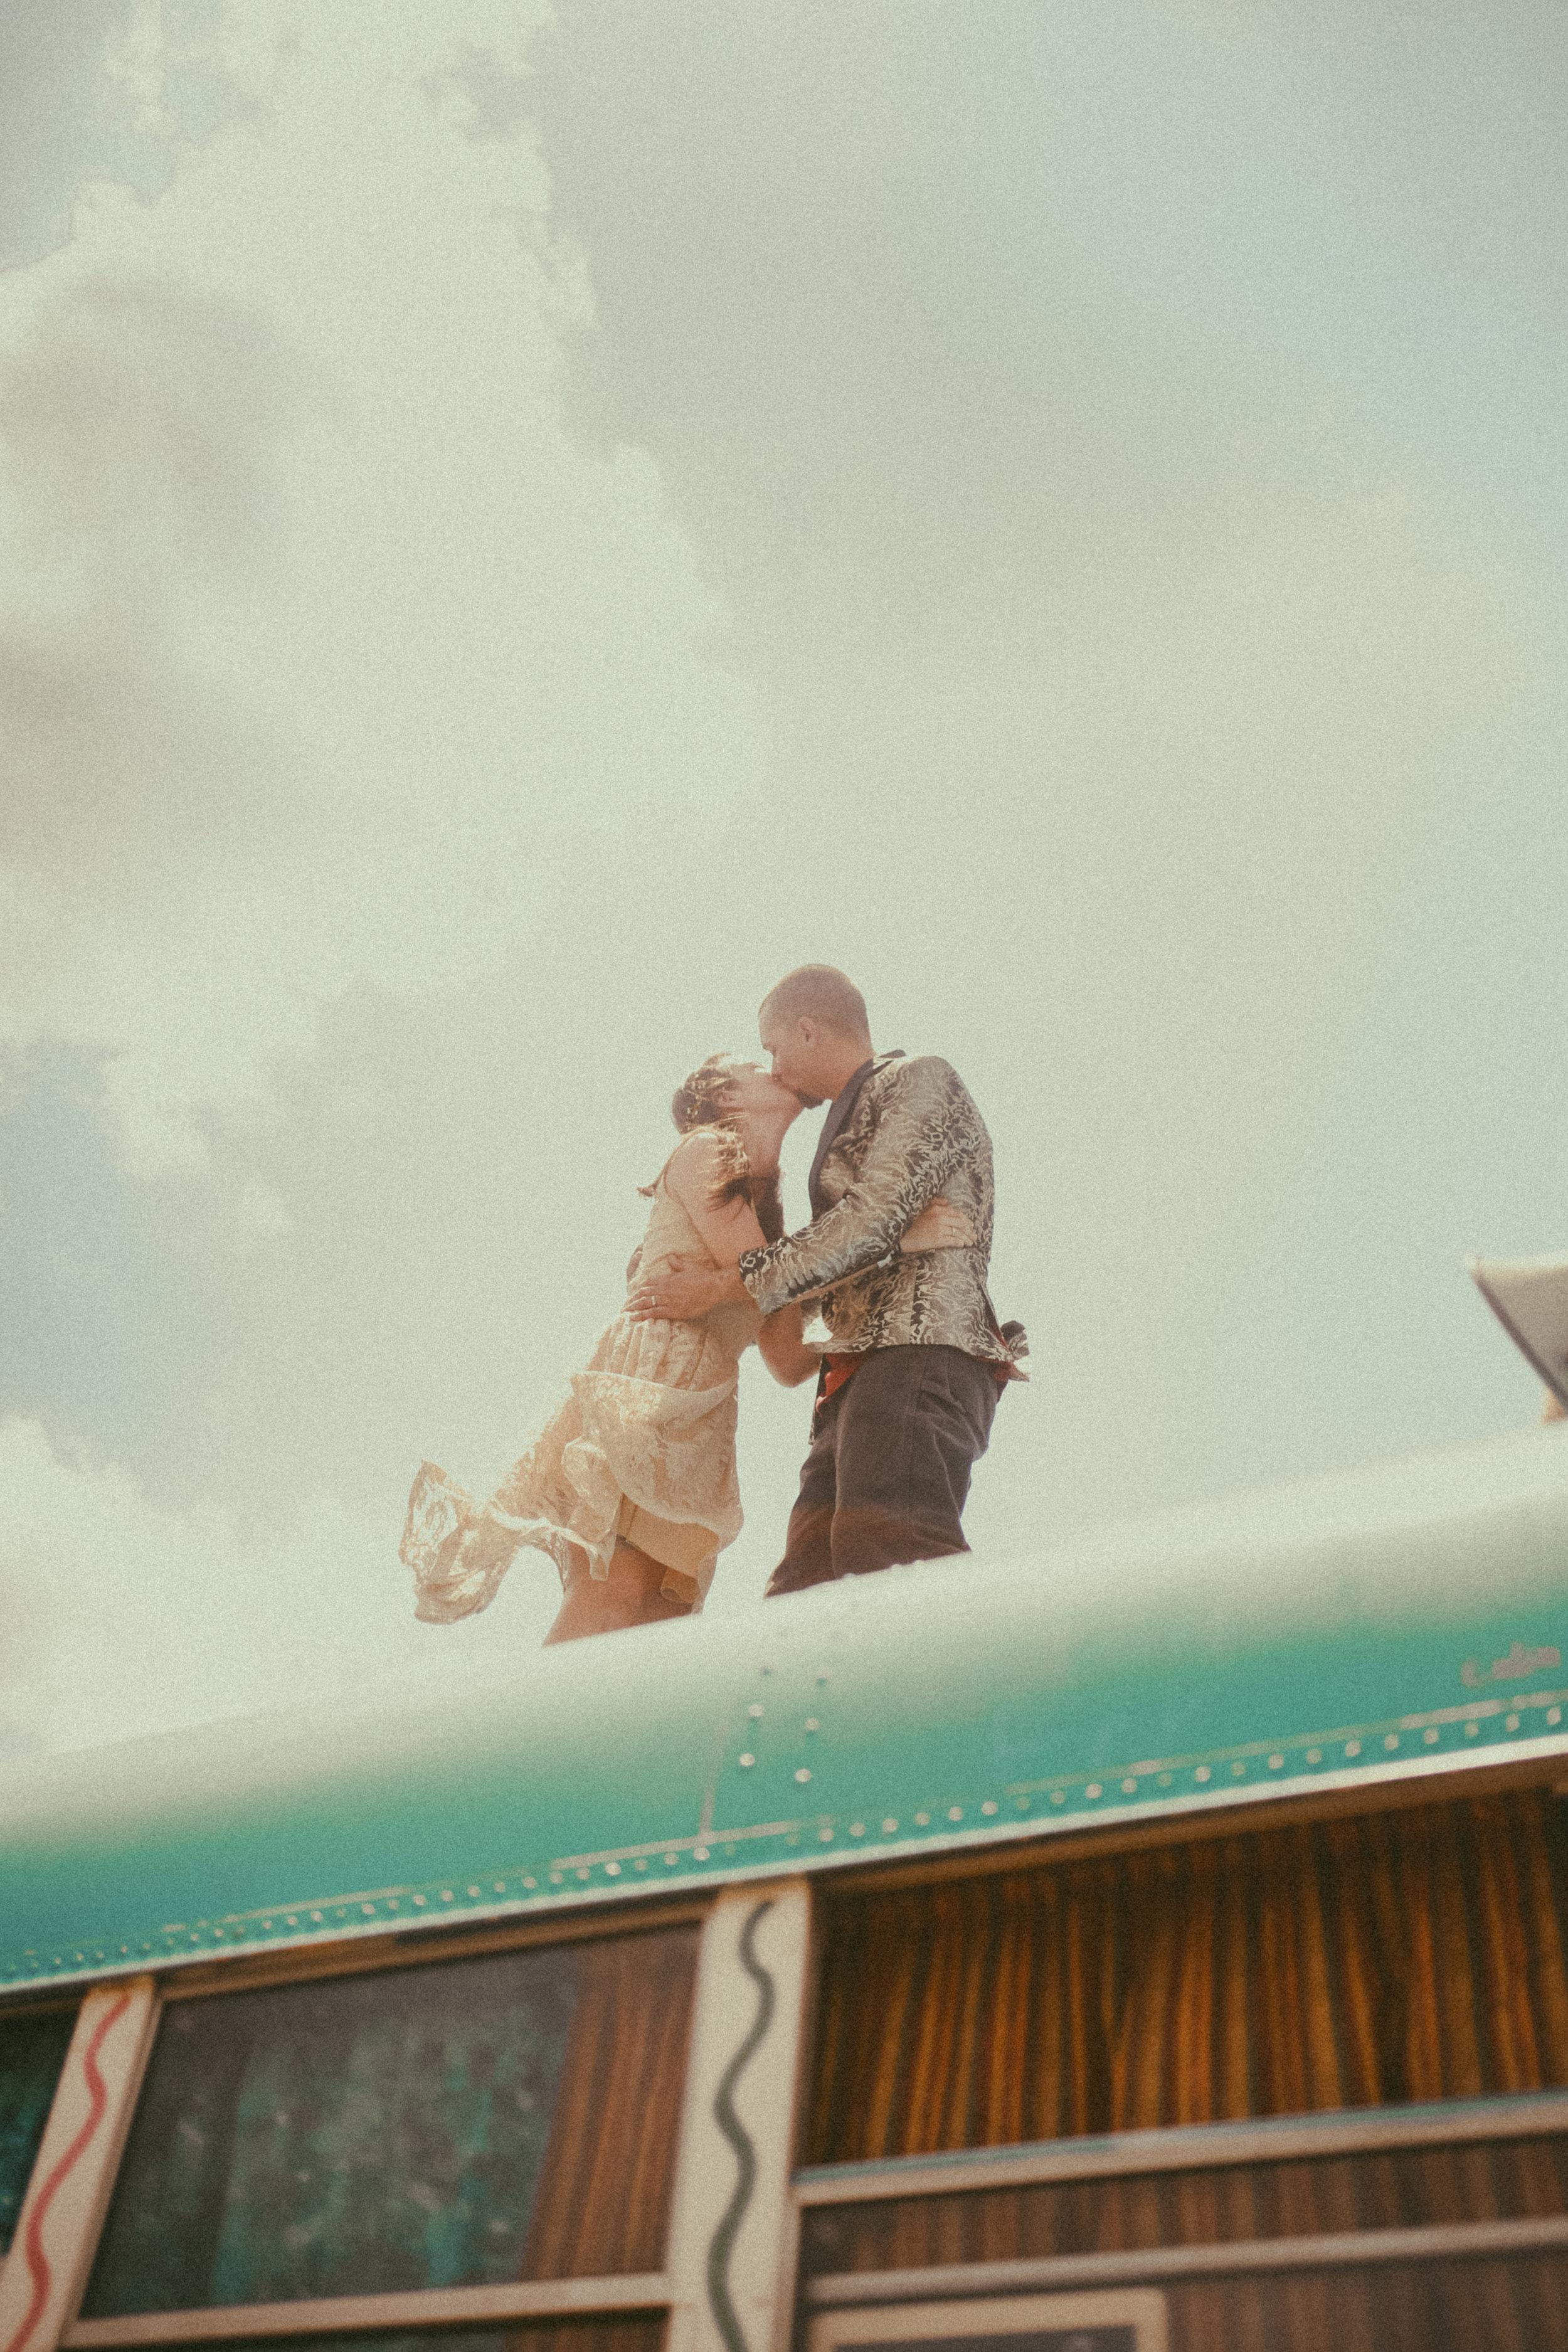 Bonnaroo-MusicFestivalWedding-Brittany&Kevin-30.jpg